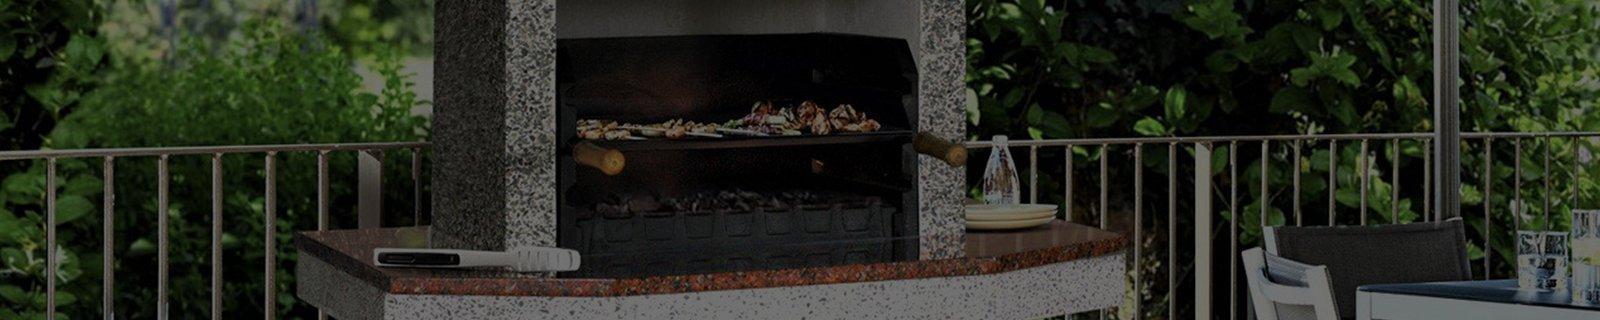 Мангал барбекю купить в Украине │интернет-магазин Kaminoff.ua